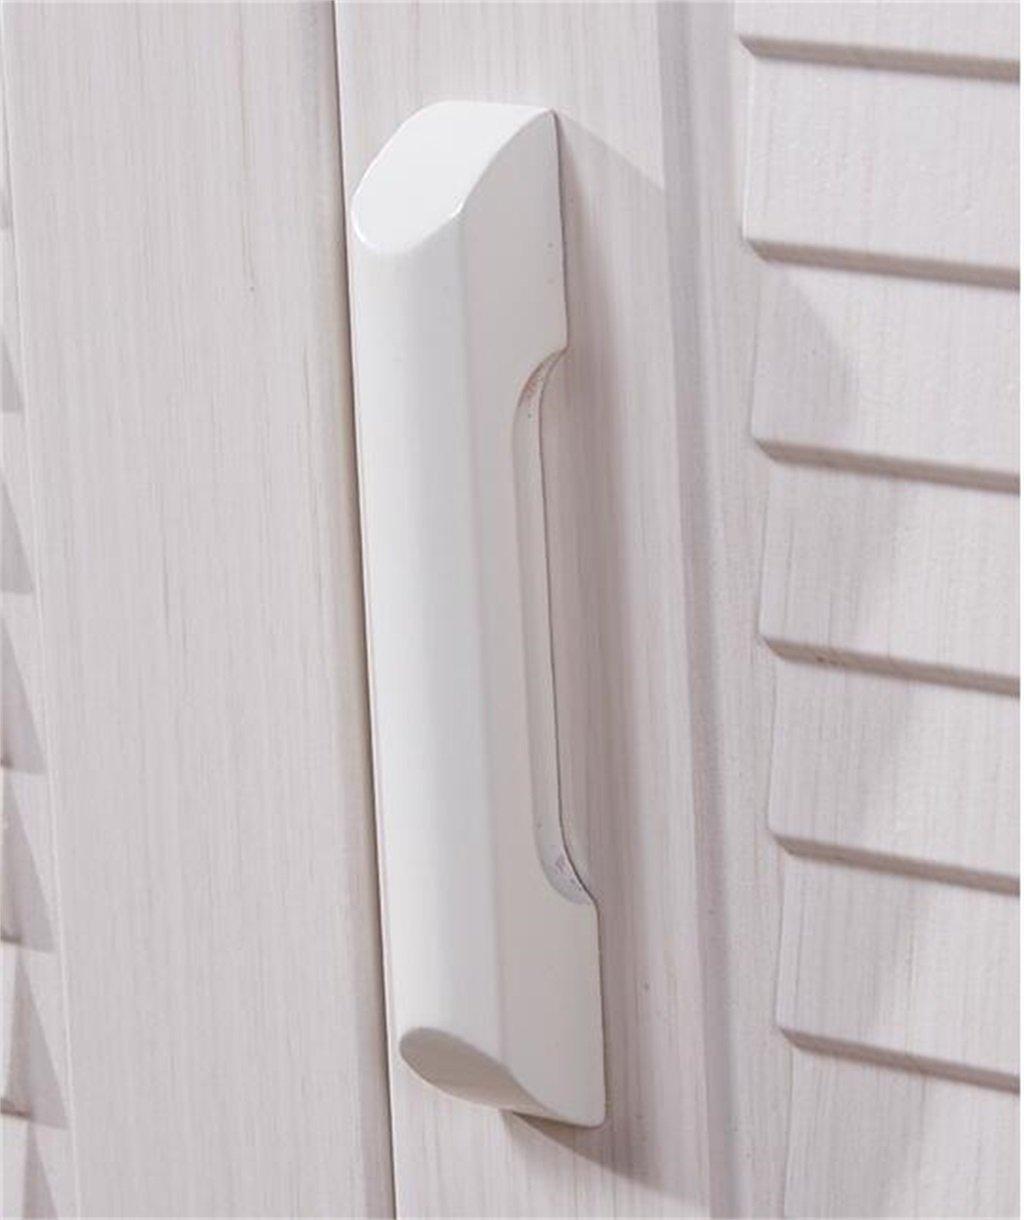 LXYFMS Armario de Entrada de gabinete Ultrafino Moderno Simple Armario de Madera Maciza de gabinete Zapatero (Tamaño : 118 * 32 * 102cm): Amazon.es: Hogar